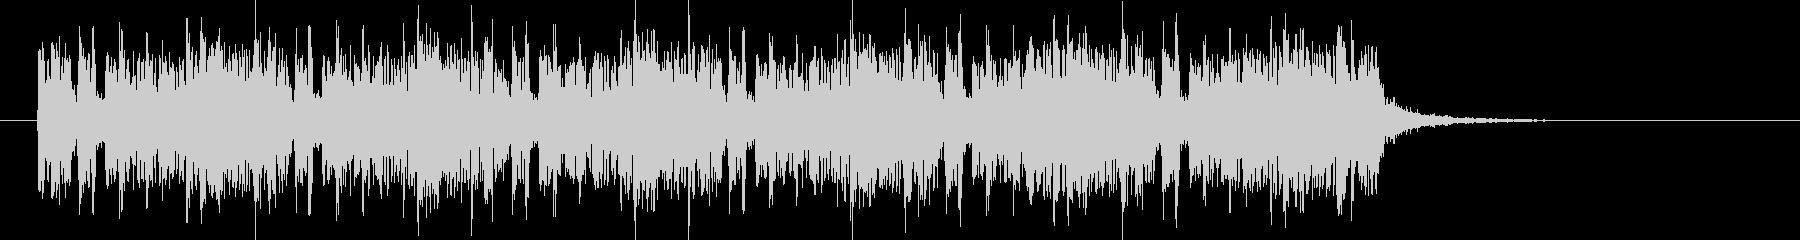 ユニークであり木琴が印象的なBGMの未再生の波形